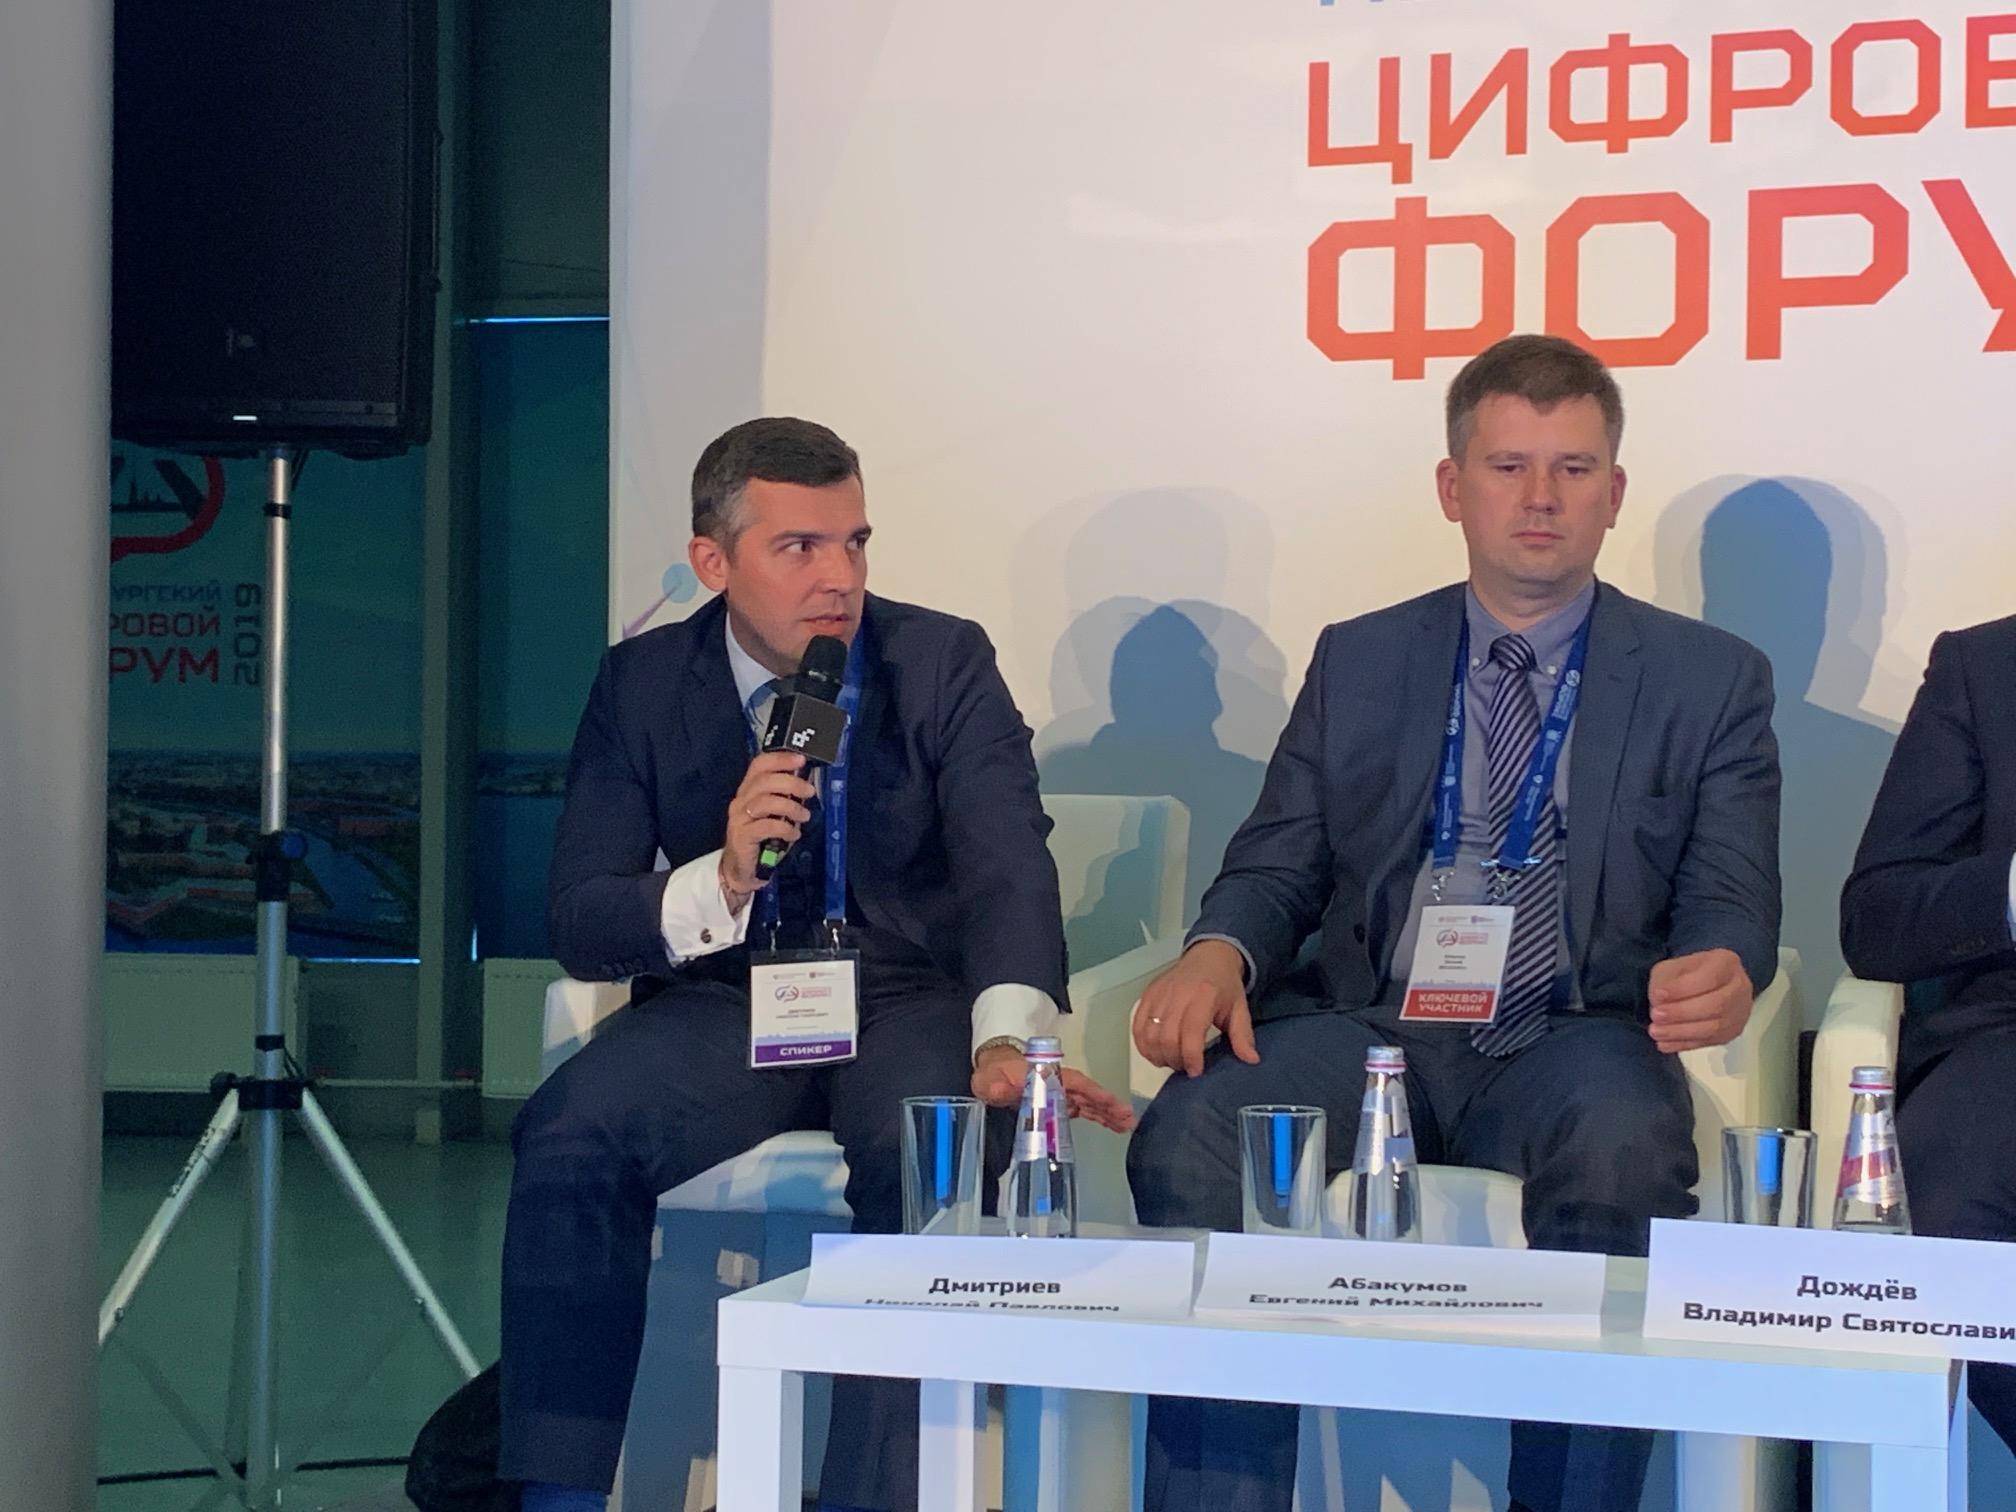 НПО СтарЛайн поделилось опытом создания цифровой фабрики на «Петербургском цифровом форуме»